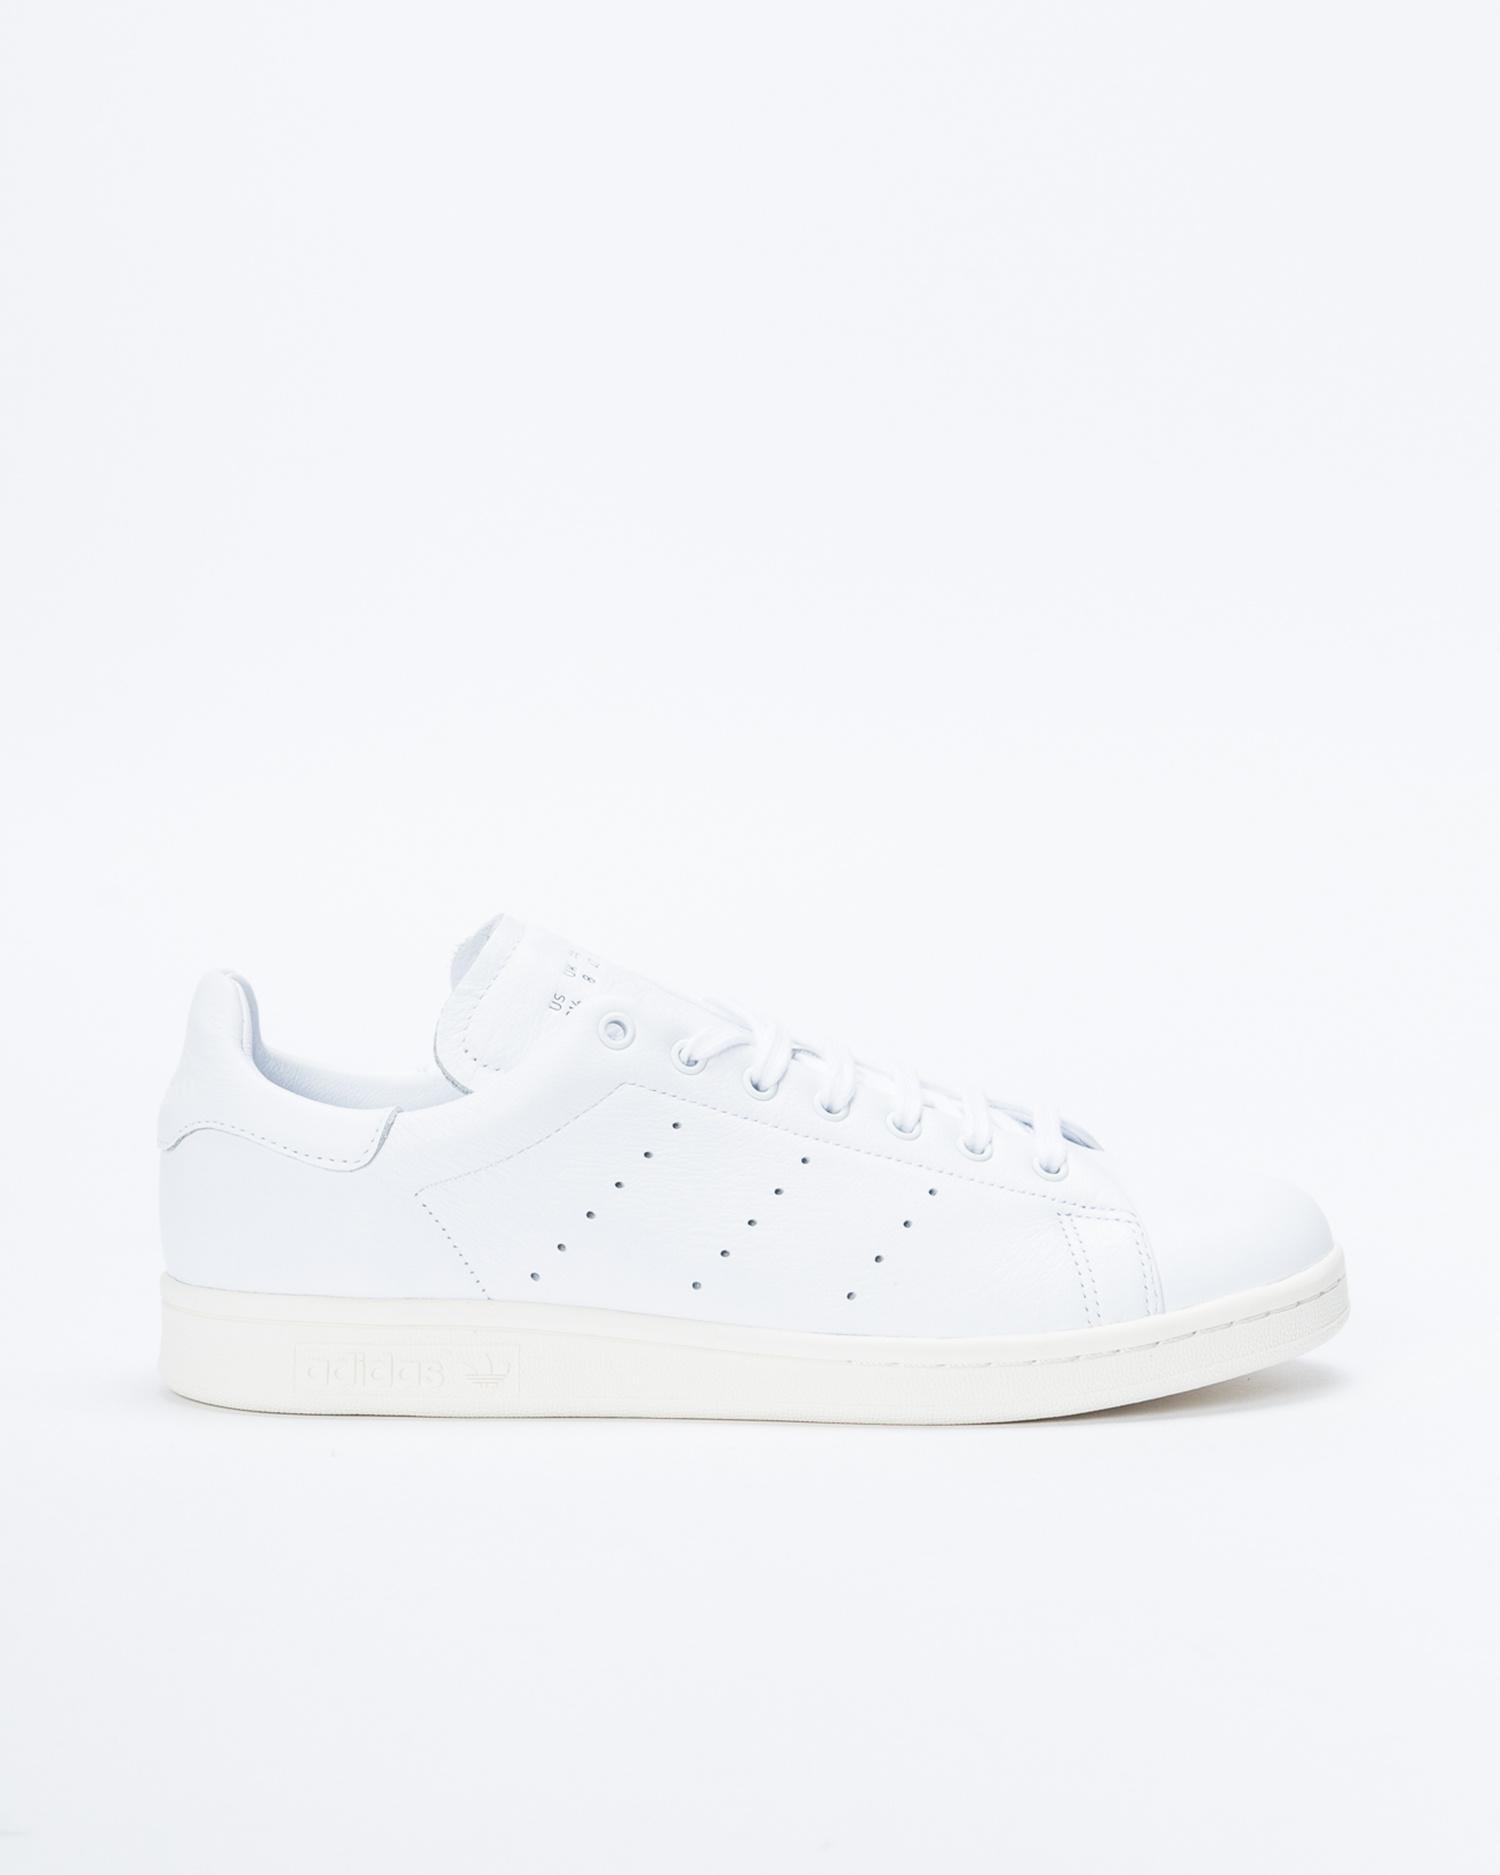 Adidas Stan Smith Recon Ftwwht/Ftwwht/Owhite